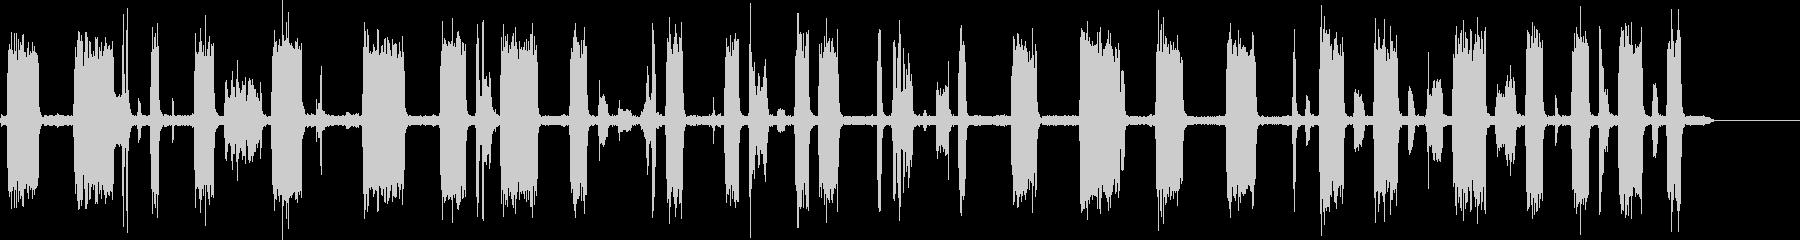 TV-スキャナーをスキャンするチャンネルの未再生の波形